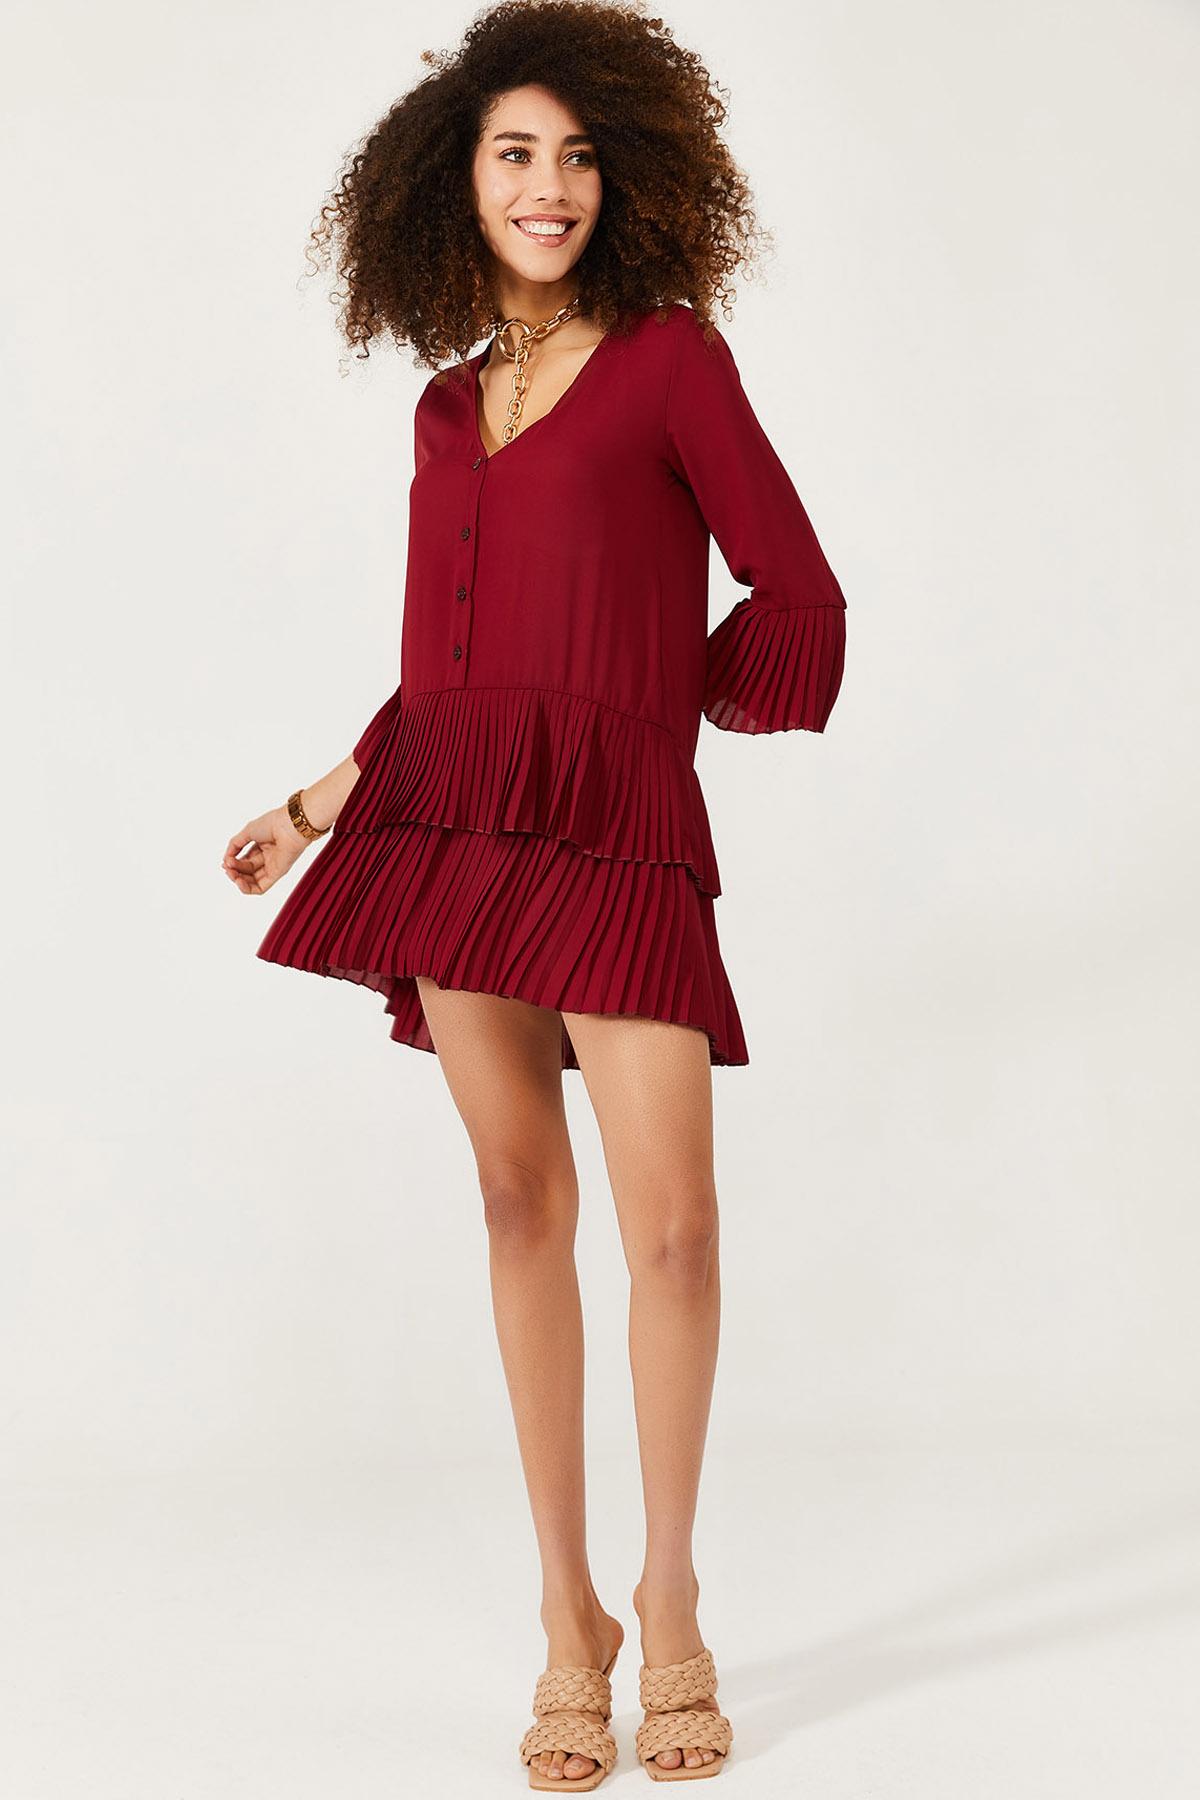 XHAN - Bordo Eteği Pileli Elbise 1KXK6-44568-05